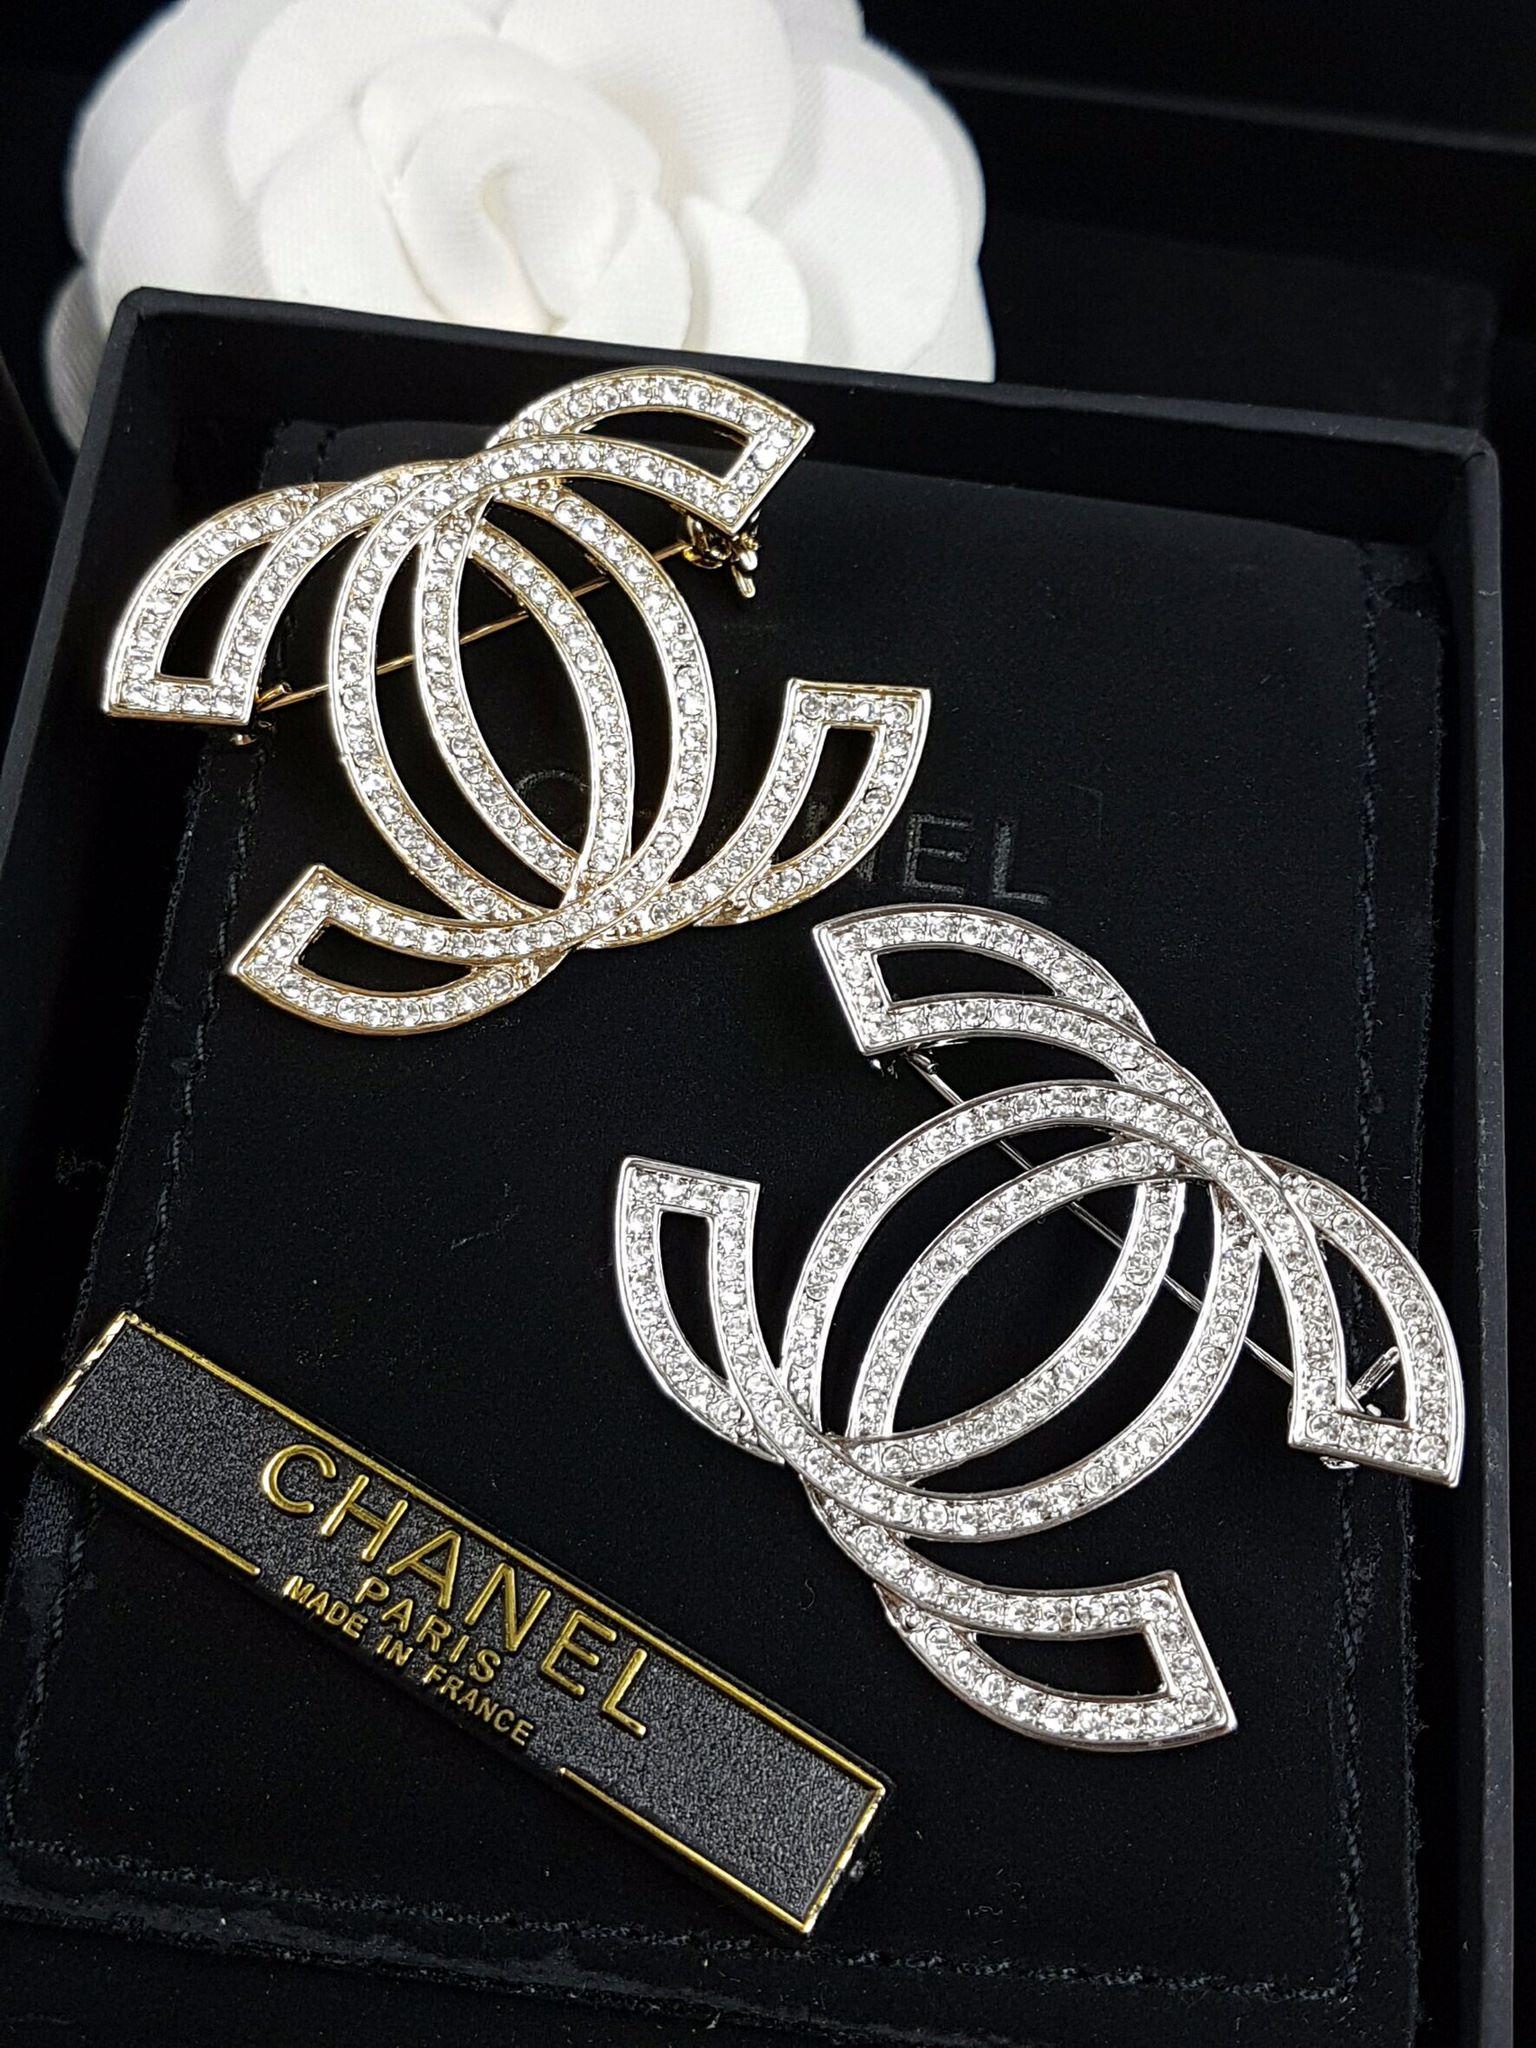 พร้อมส่ง Classic Chanel Brooch เข็มกลัดชาแนล